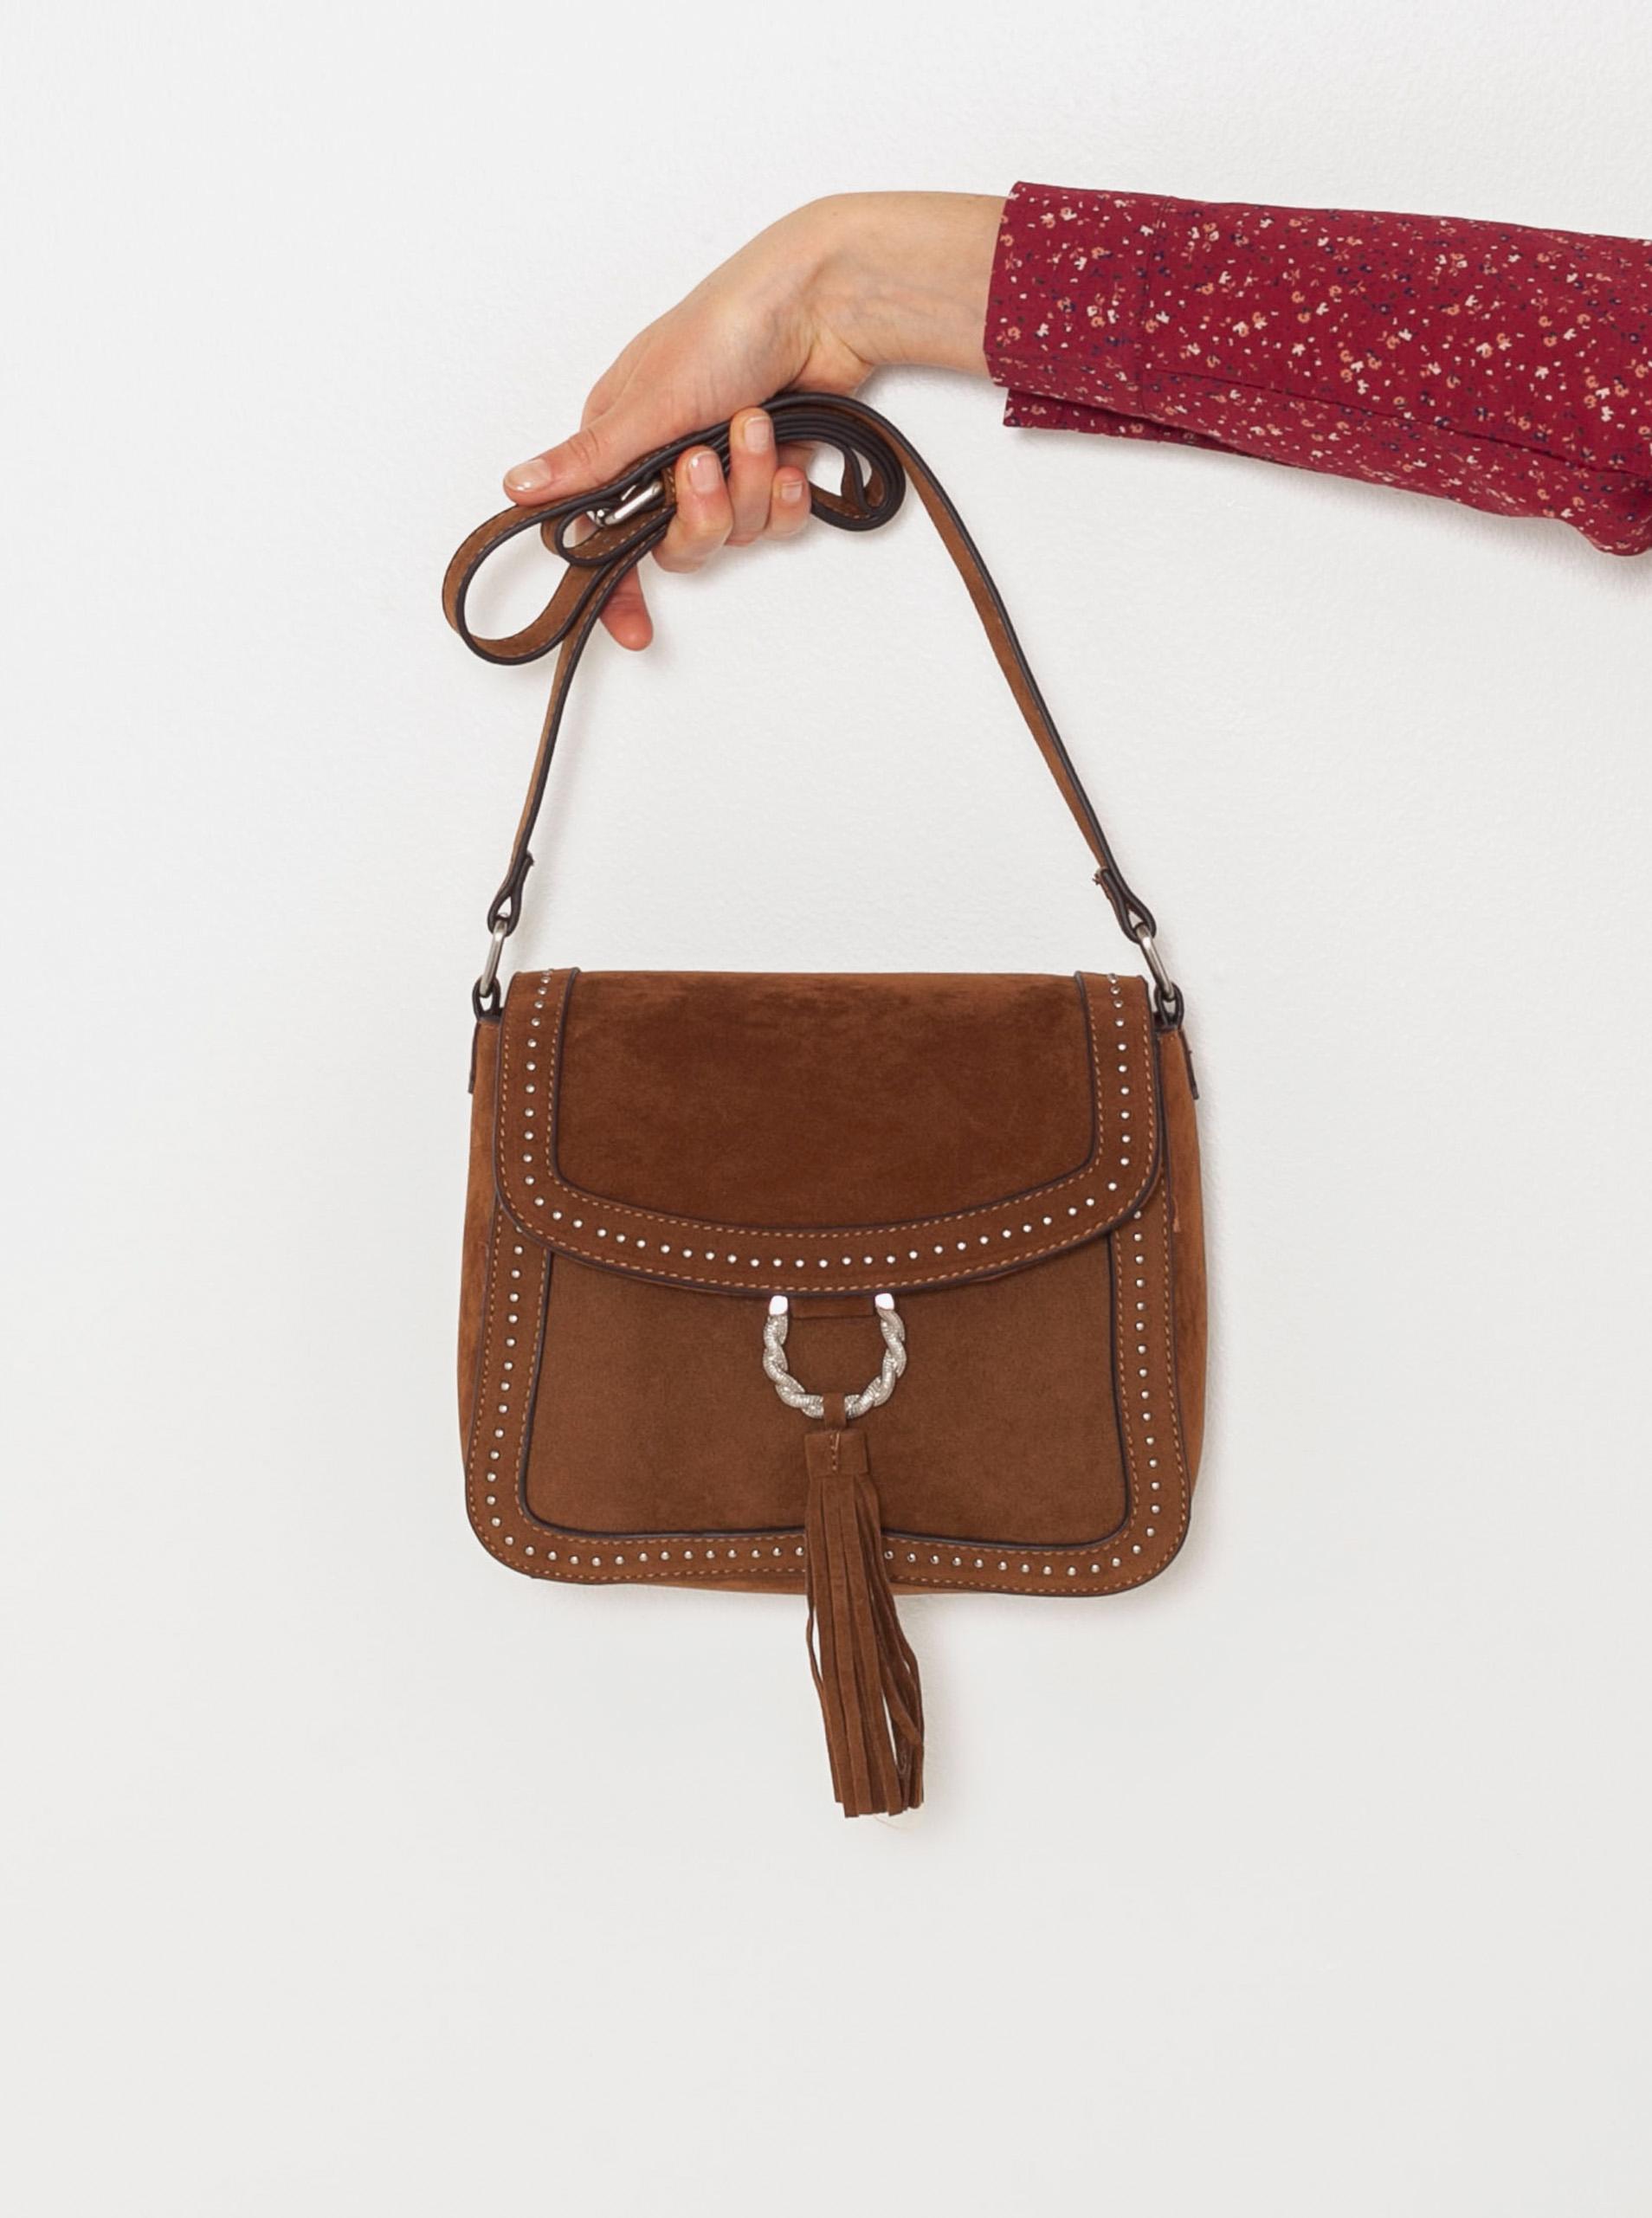 CAMAIEU Women's bag brown